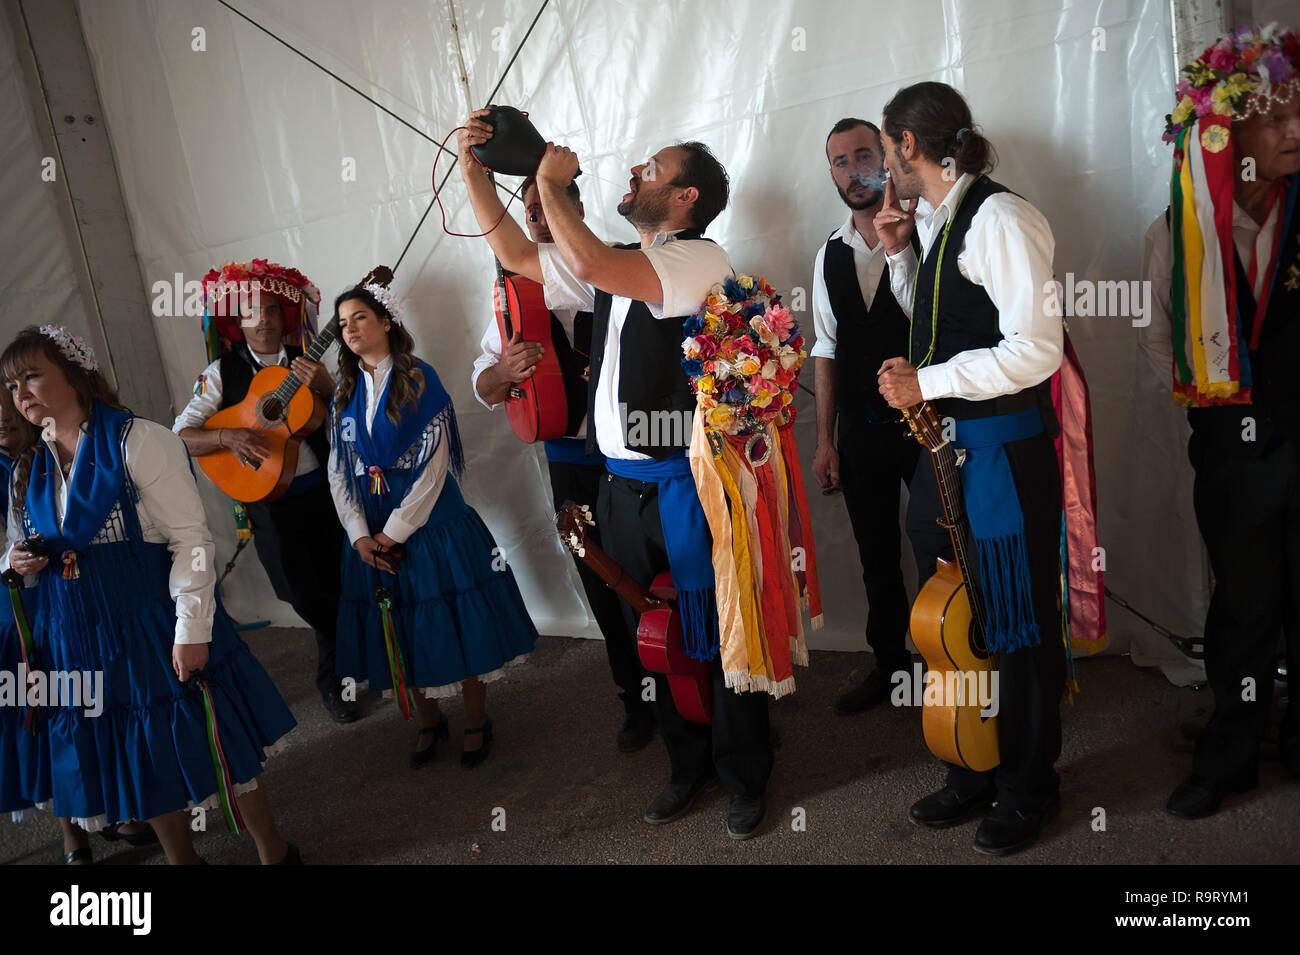 Un hombre vestido con un traje tradicional es visto beber antes de tomar  parte en la 57ª edición del concurso de baile flamenco Verdiales en Málaga. 850776e4a4b